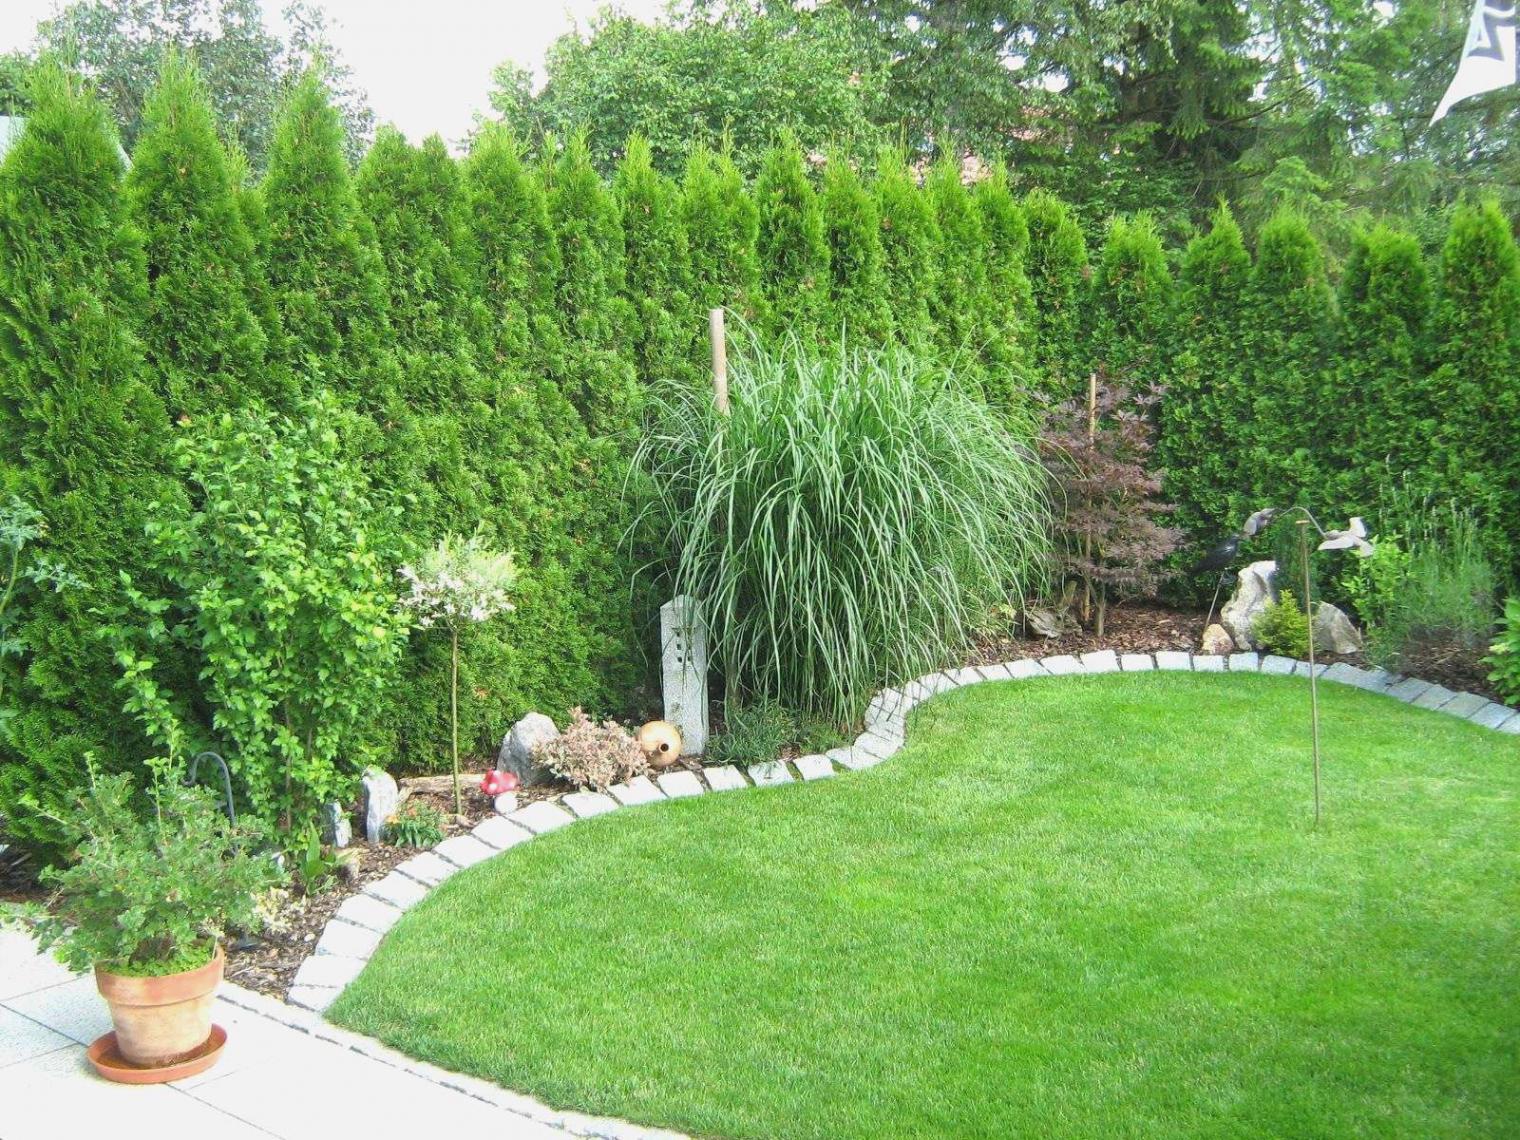 Beispiele Gartengestaltung Schön Gartengestaltung Ideen Mit Steinen — Temobardz Home Blog